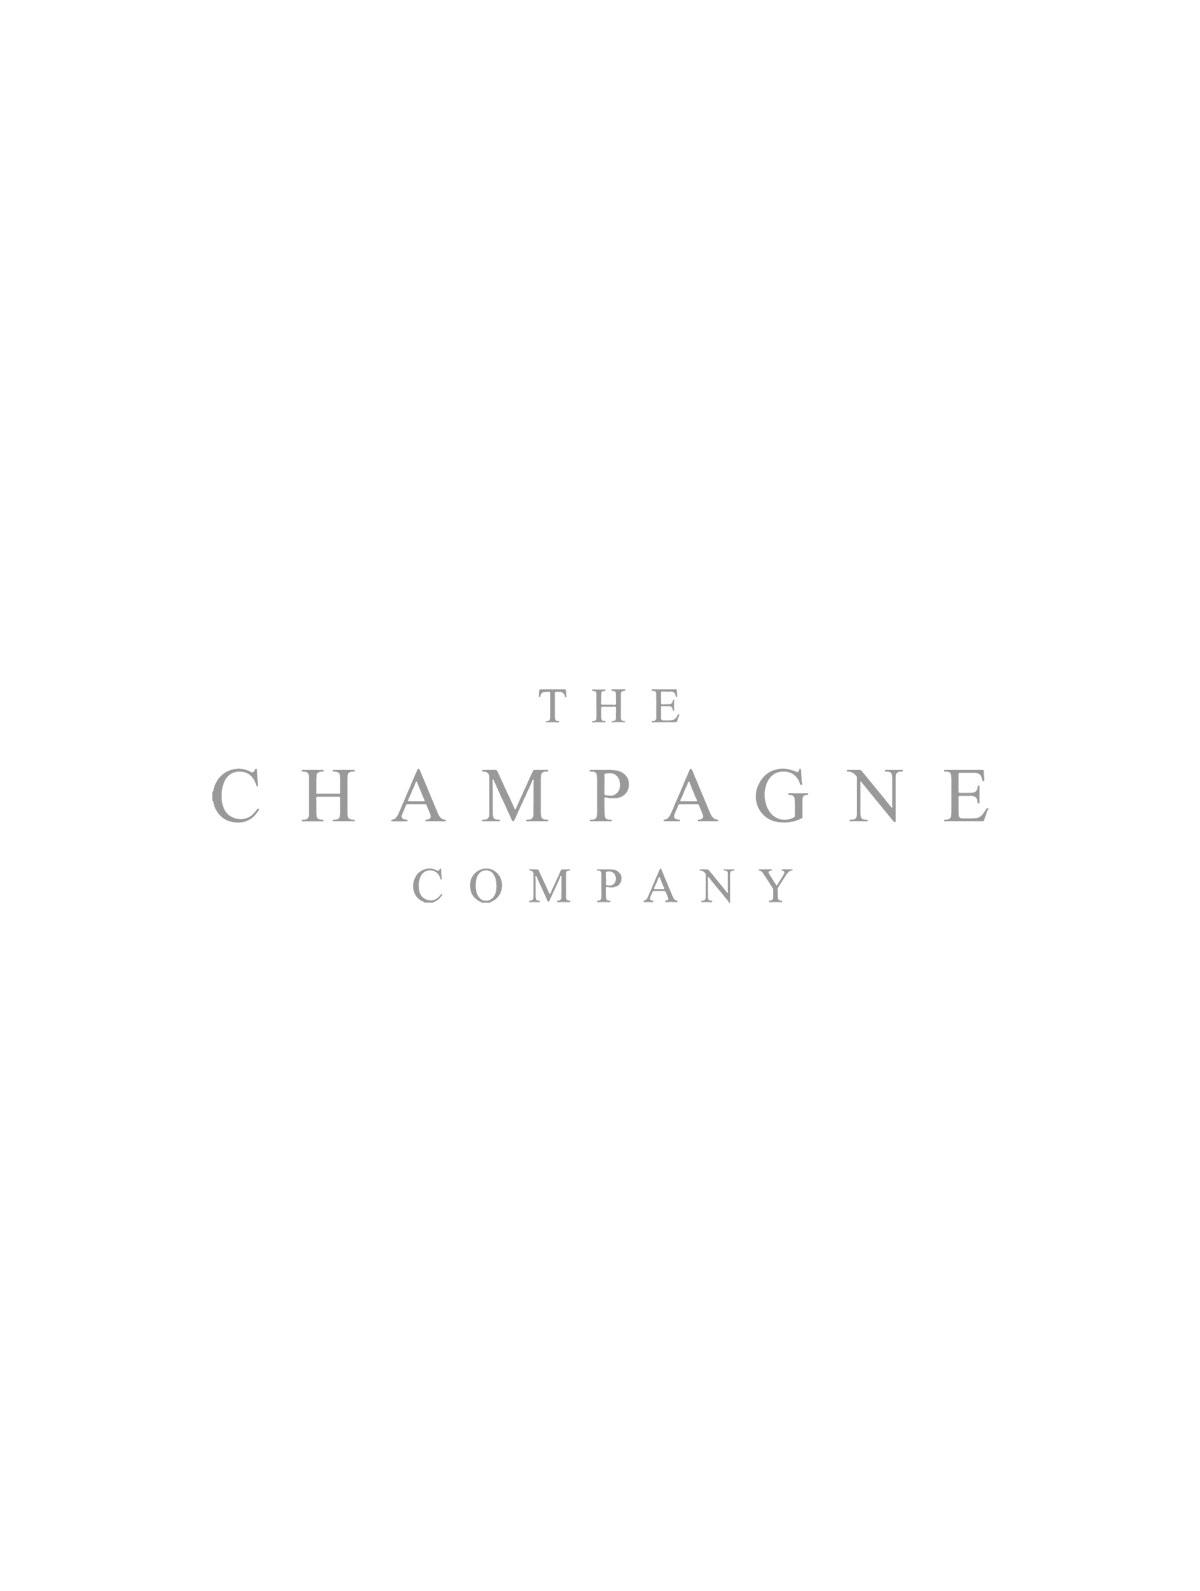 Turkey Flat Barossa Valley Mataro 2012 Australia Red Wine 75cl